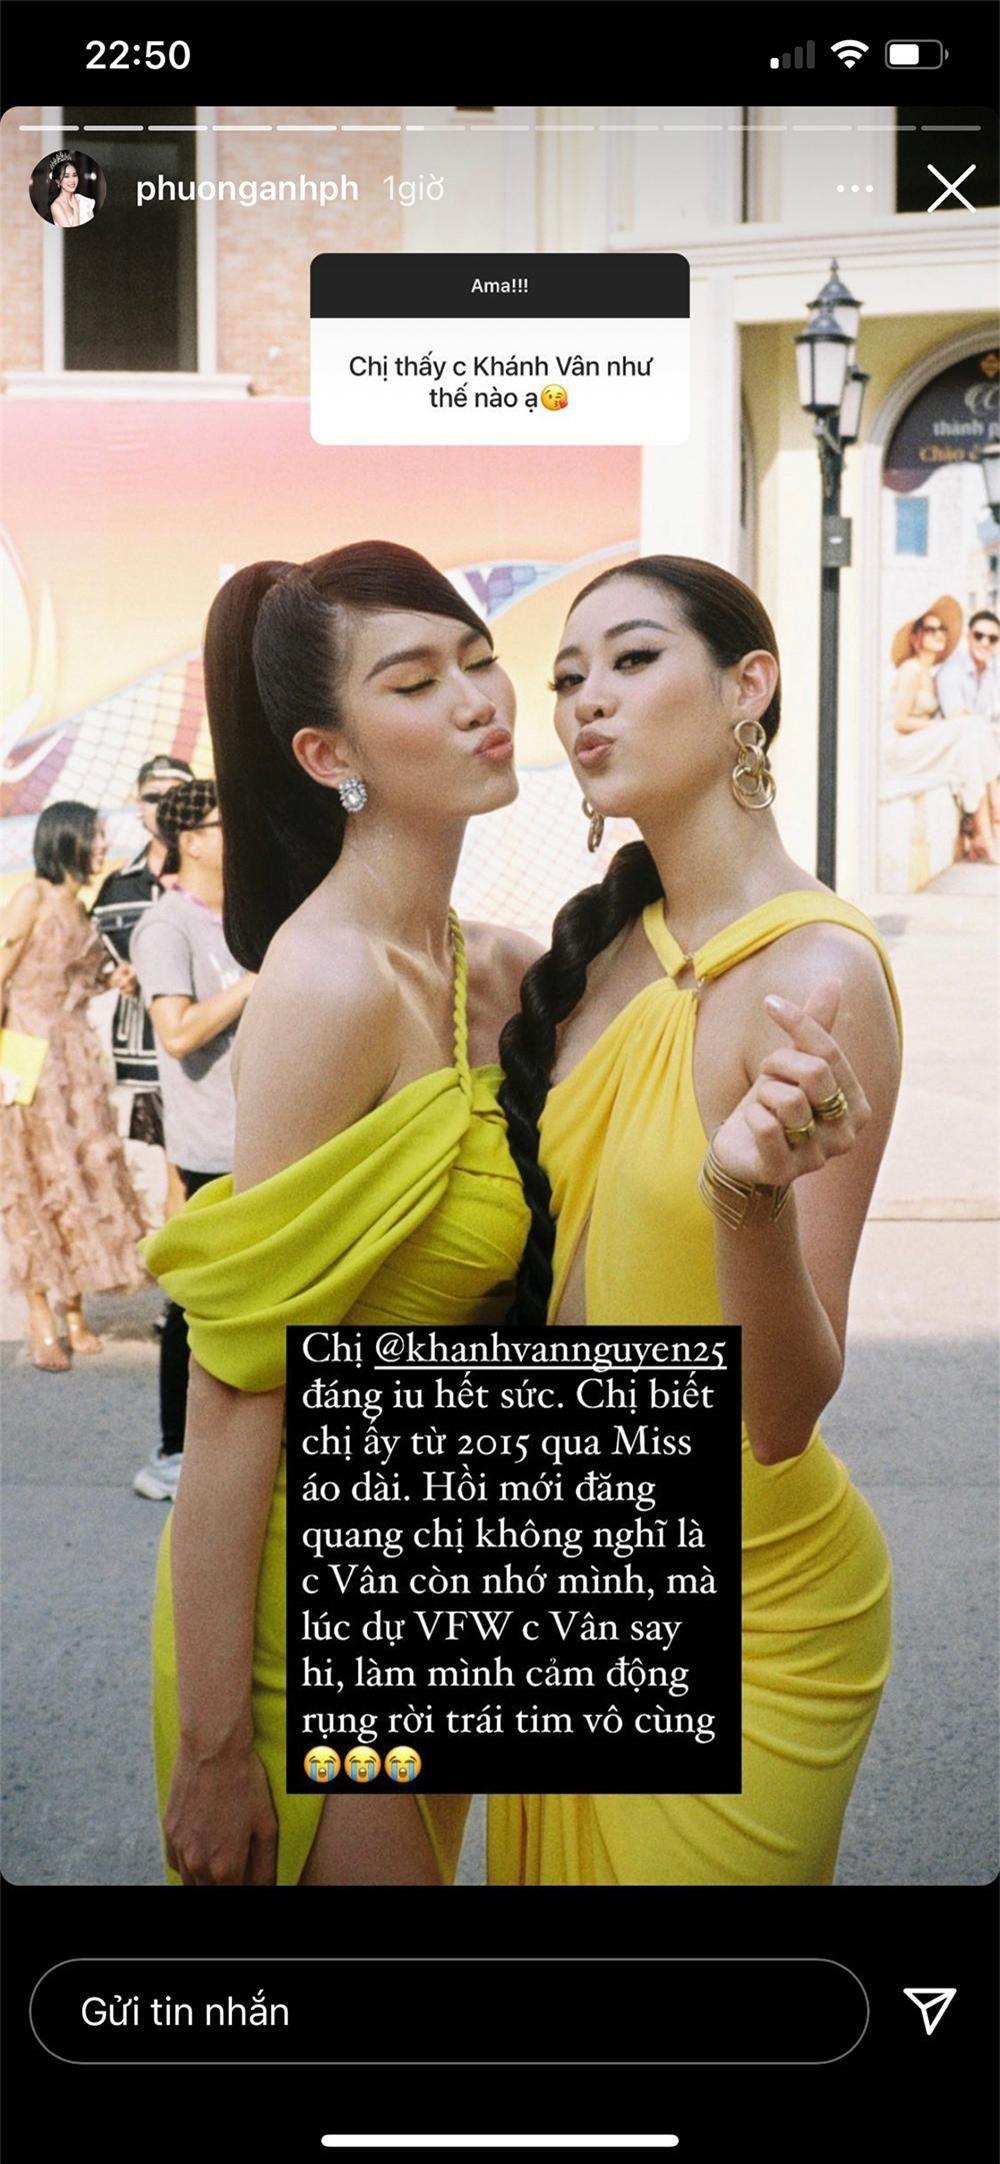 Á hậu Phương Anh chia sẻ bất ngờ khi được fan hỏi cảm nhận về Hoa hậu Đỗ Thị Hà, Ngọc Thảo Ảnh 5